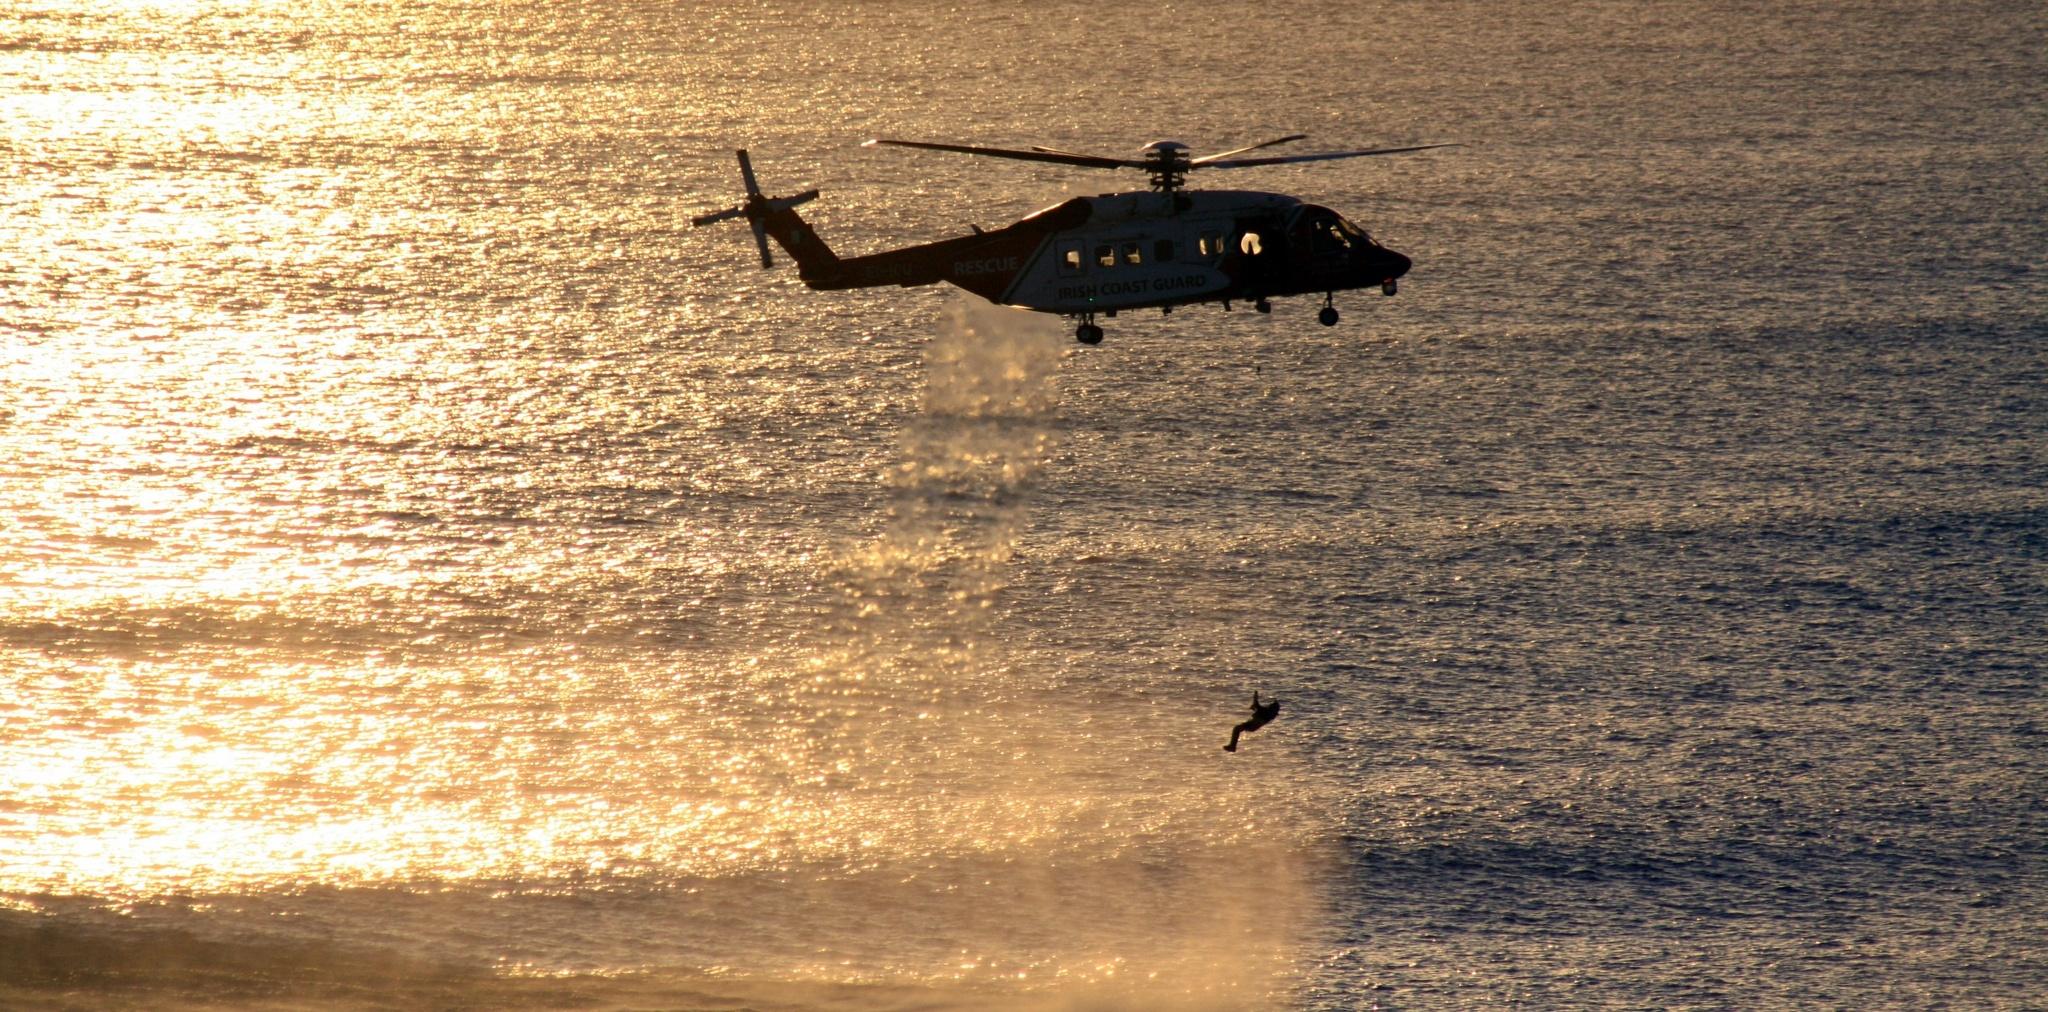 Irish coast guard rescue 117 by Dáithí Ó Raghallaigh